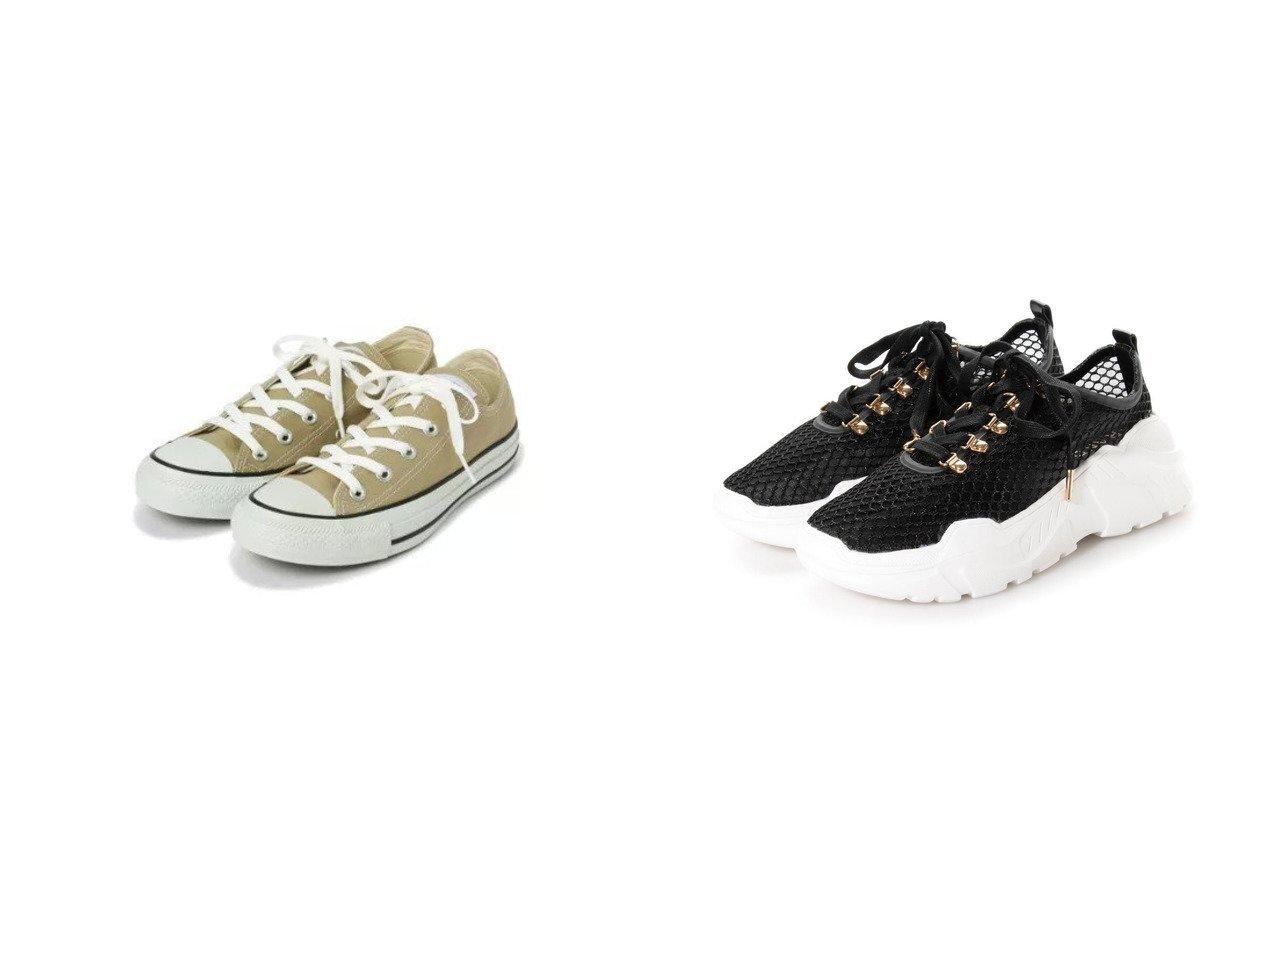 【NATURAL BEAUTY BASIC/ナチュラル ビューティー ベーシック】のコンバースキャンバスオールスターカラーズローカット&【RANDA/ランダ】のストレスフリー/ソフトレーススニーカー シューズ・靴のおすすめ!人気、トレンド・レディースファッションの通販 おすすめで人気の流行・トレンド、ファッションの通販商品 メンズファッション・キッズファッション・インテリア・家具・レディースファッション・服の通販 founy(ファニー) https://founy.com/ ファッション Fashion レディースファッション WOMEN キャンバス シューズ フラット 2021年 2021 2021 春夏 S/S SS Spring/Summer 2021 S/S 春夏 SS Spring/Summer インソール スニーカー フェミニン レース 春 Spring |ID:crp329100000014467